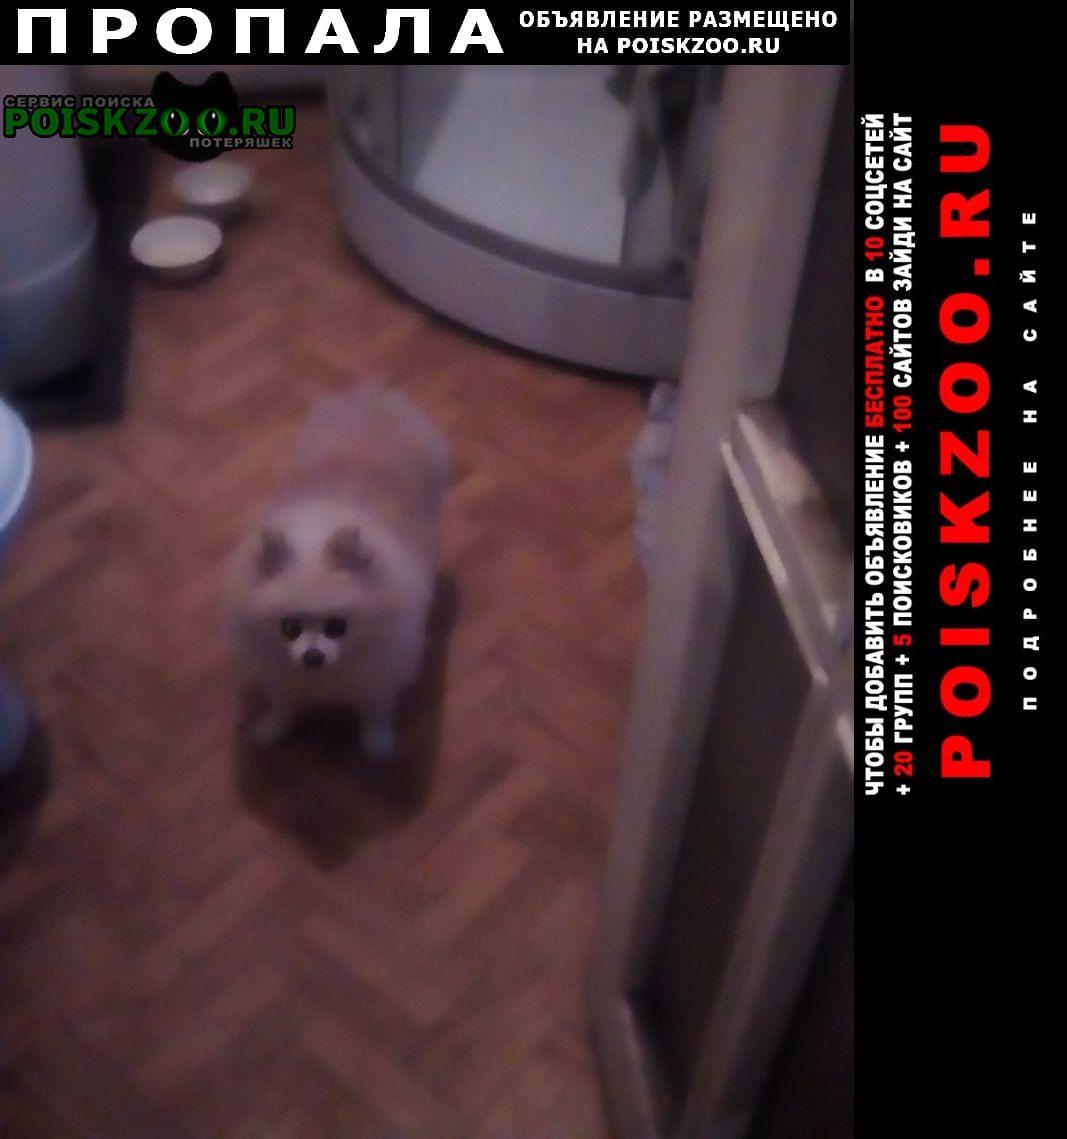 Пропала собака похищена. Рязань